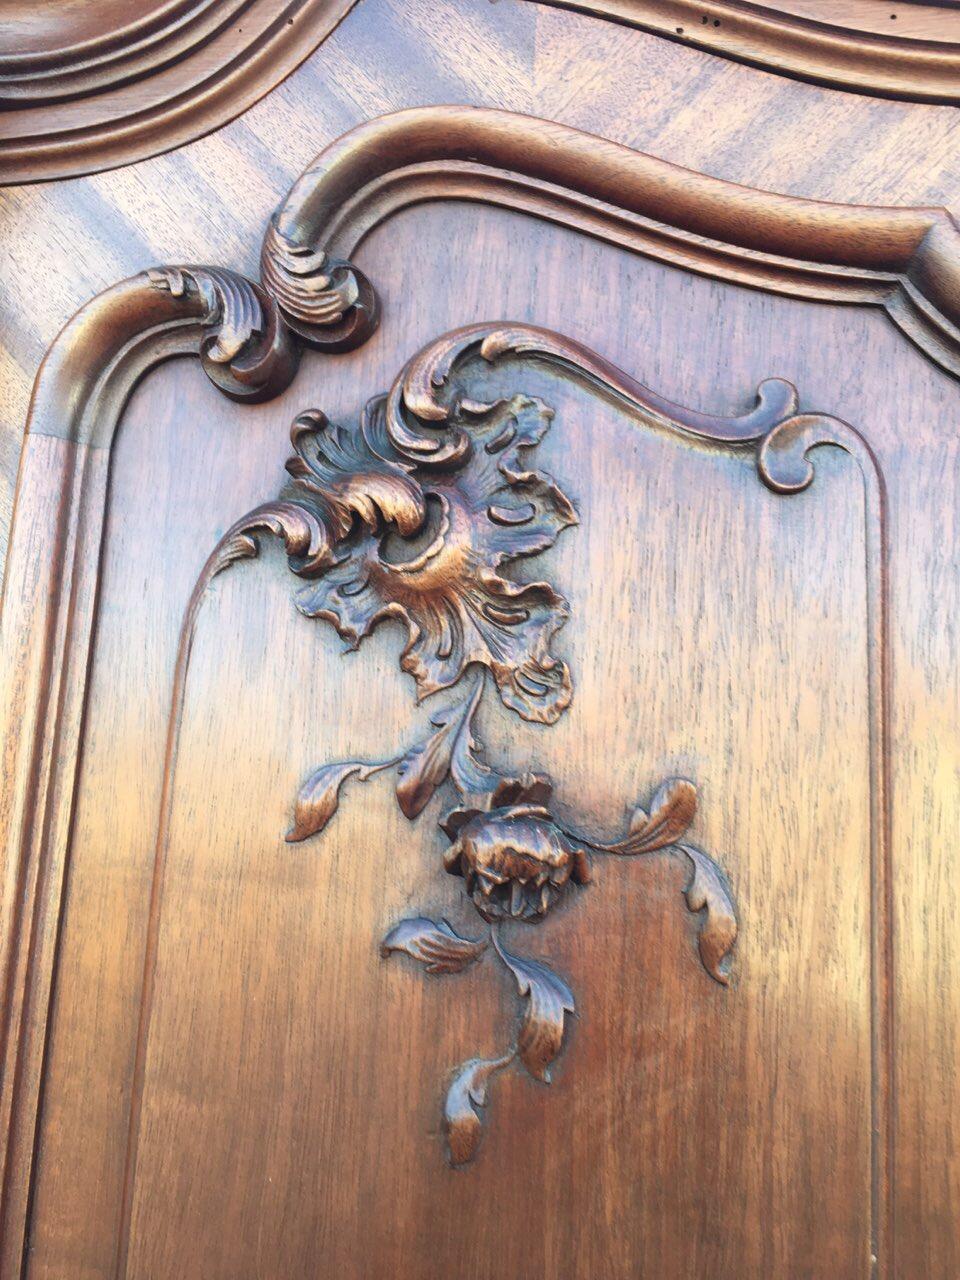 Антикварный шкаф в стиле Рококо 180324004